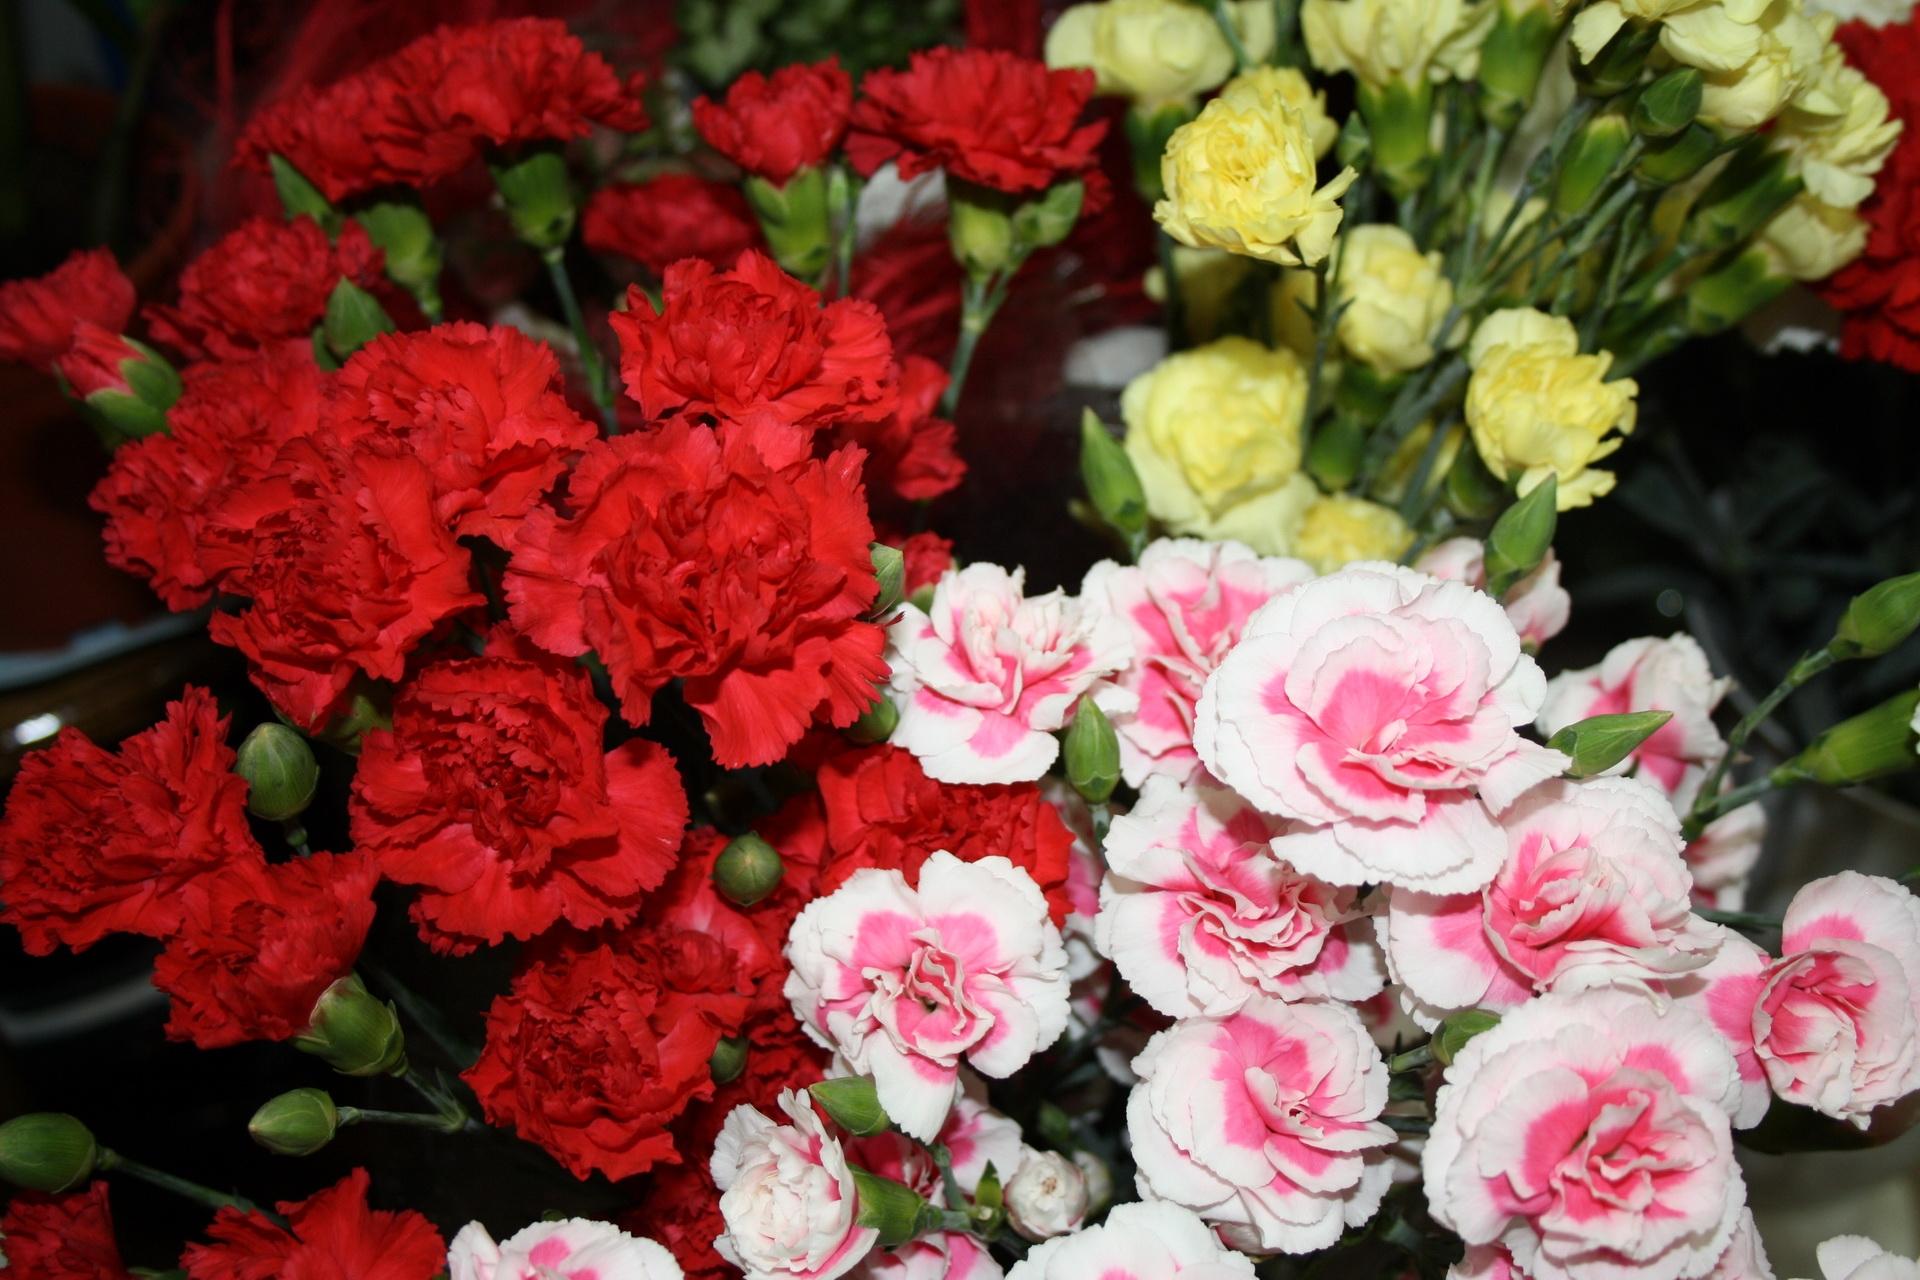 115545 Заставки и Обои Гвоздики на телефон. Скачать Цветы, Гвоздики, Яркие, Разные, Кустовые картинки бесплатно